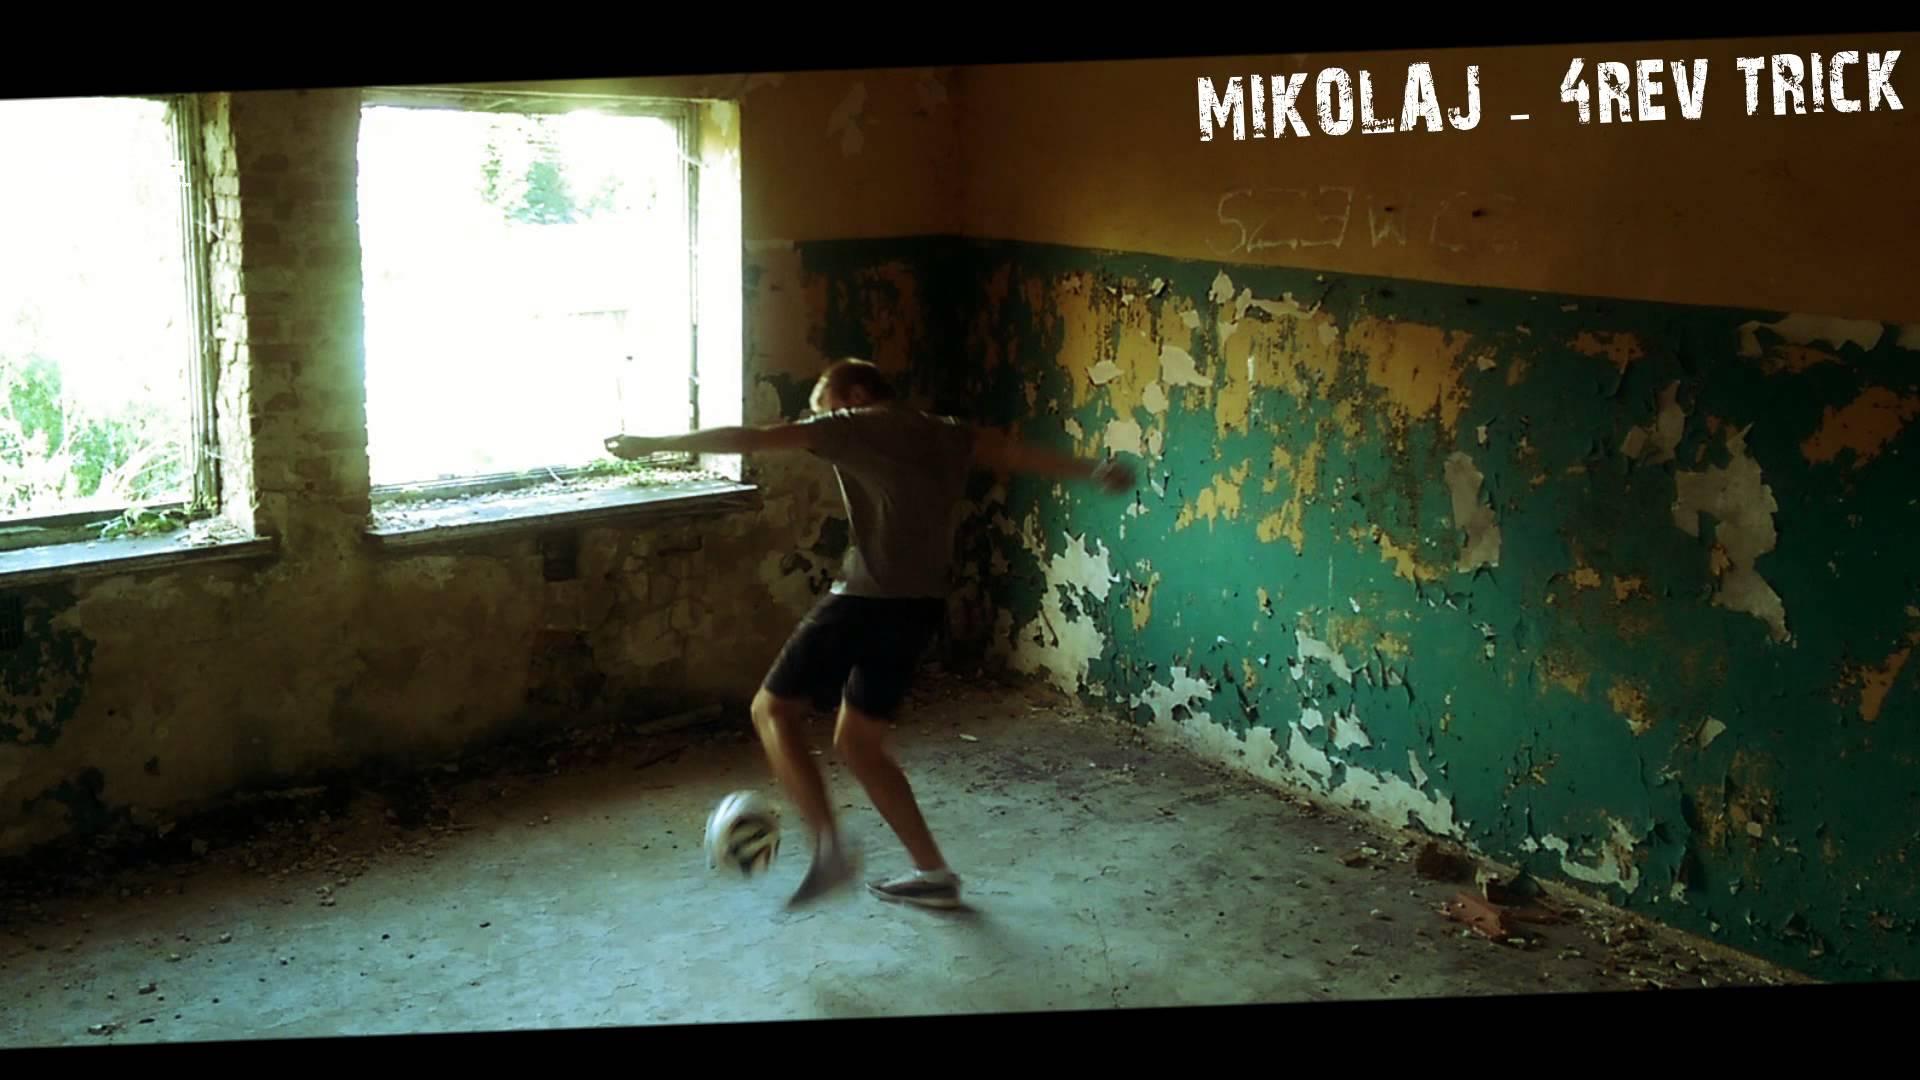 Mikolaj – 4rev trick